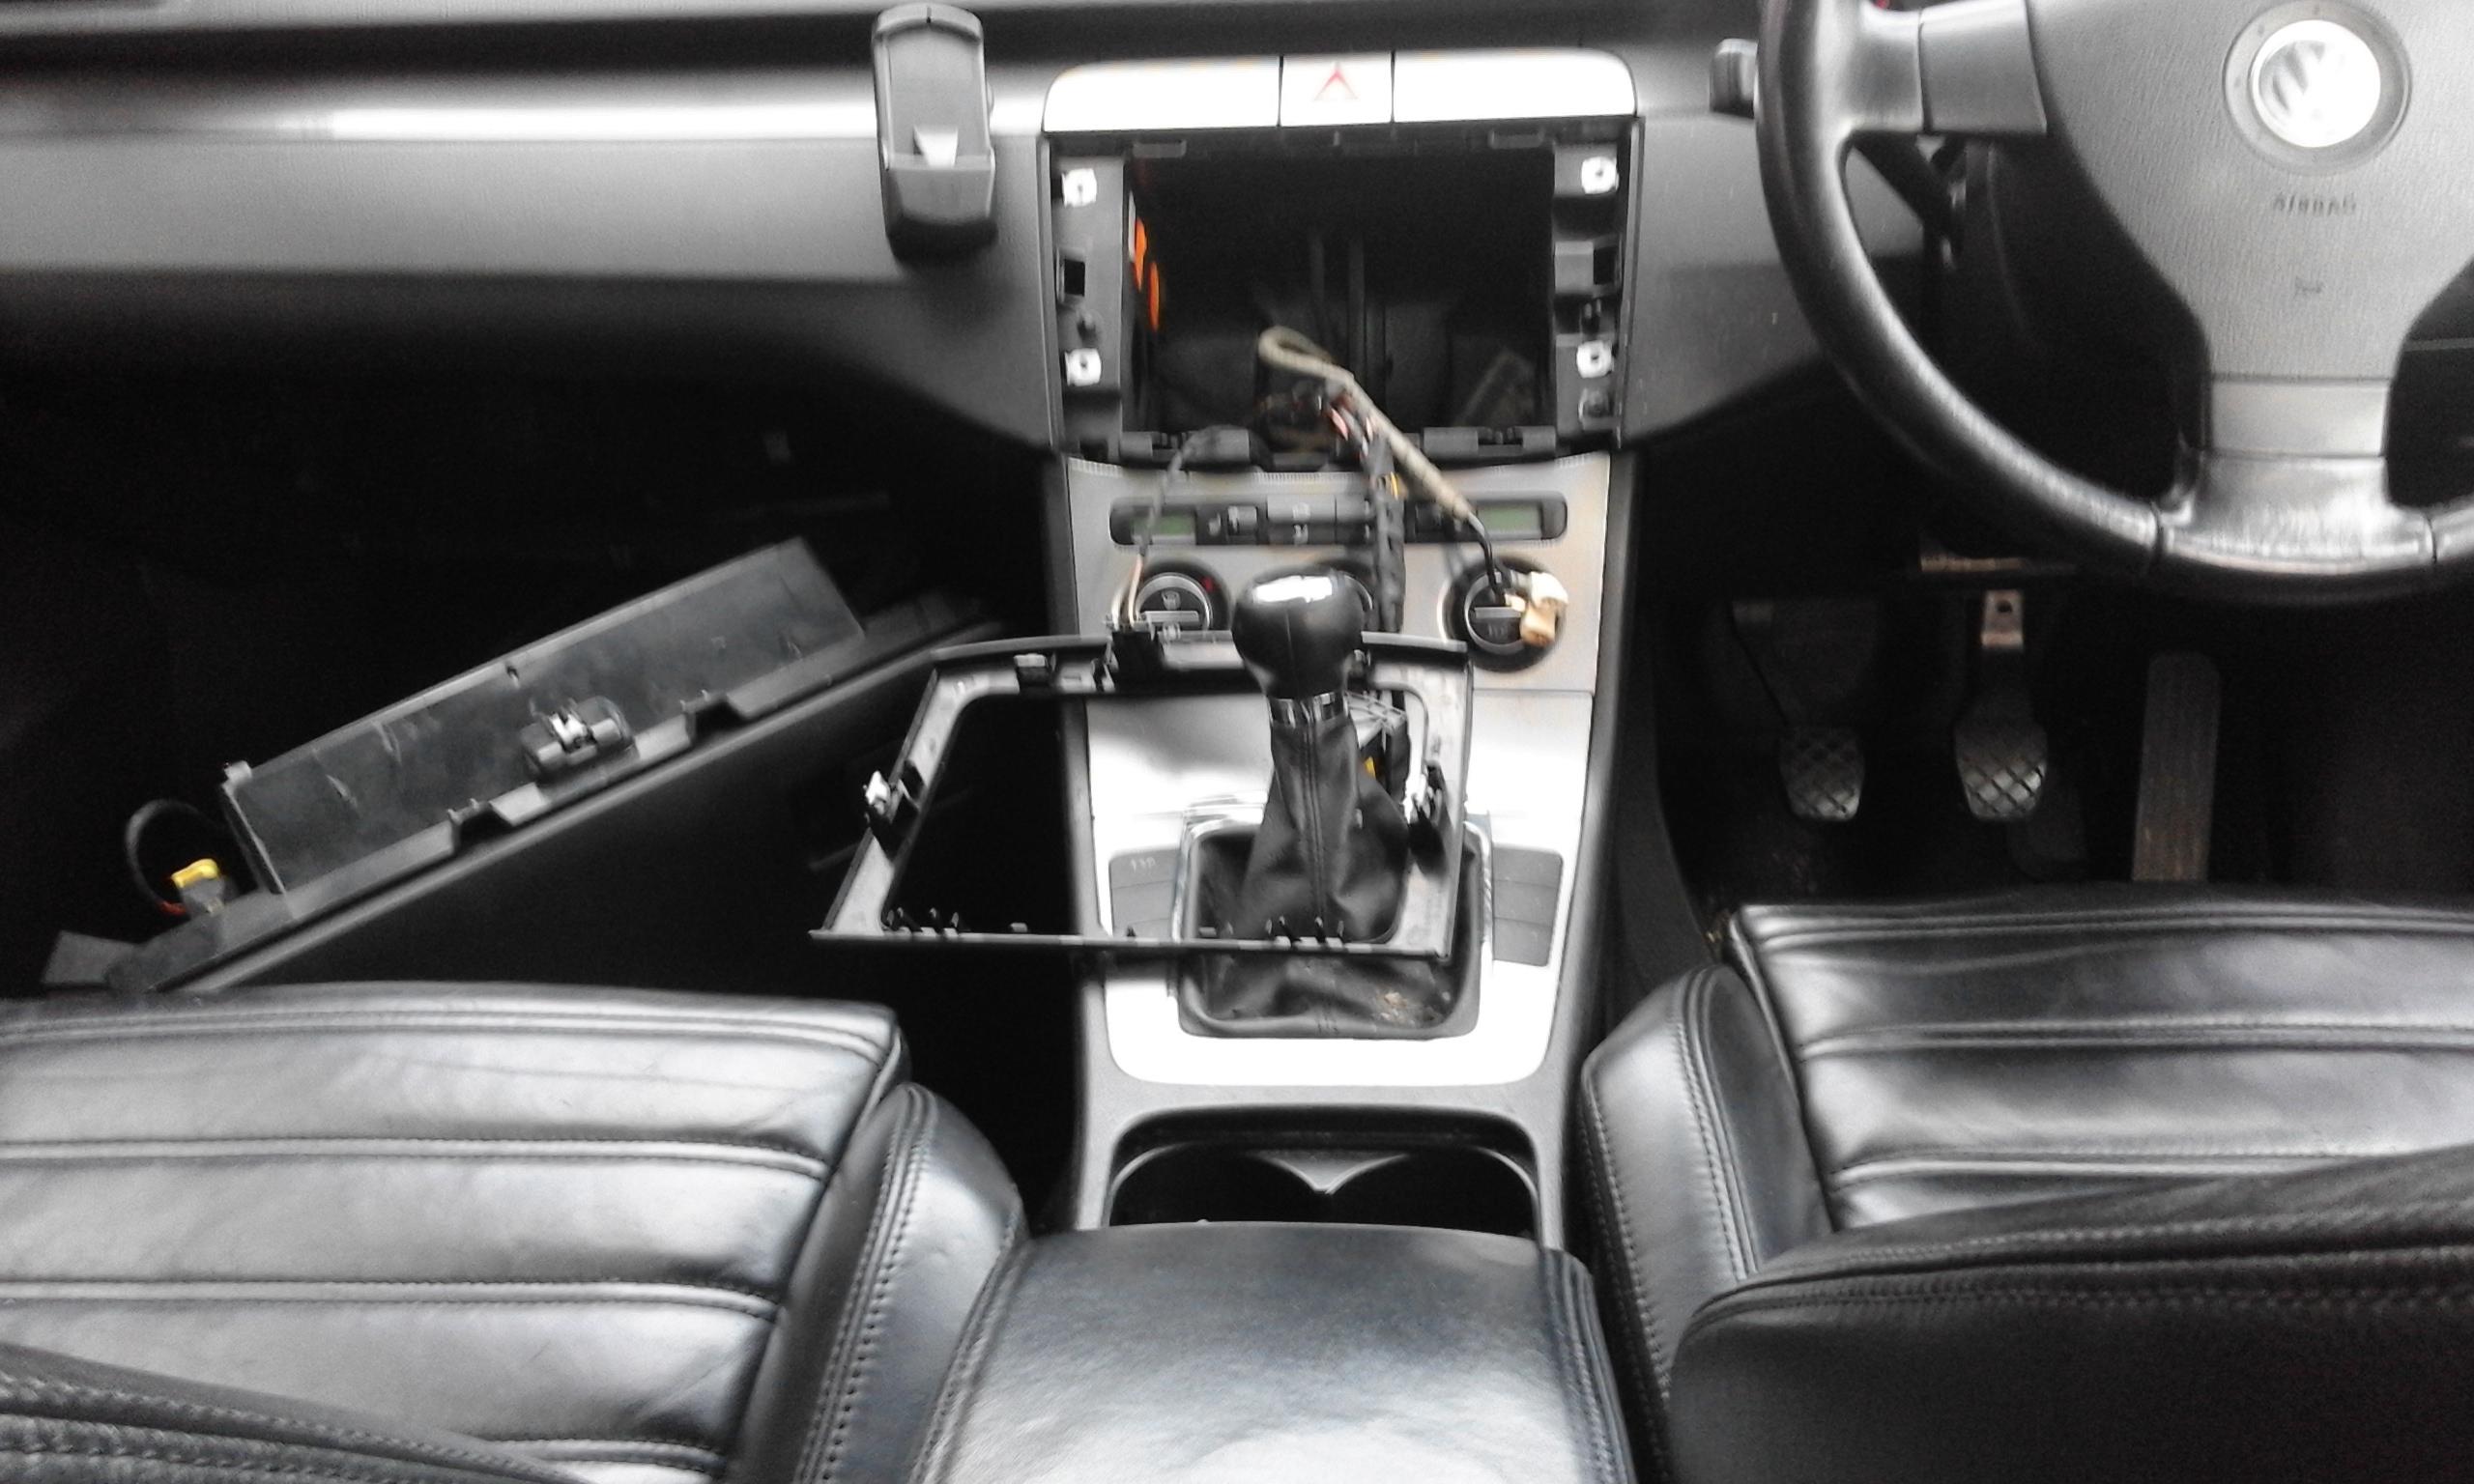 VW PASSAT SPORT TDi 140 BREAKING FOR PARTS v.